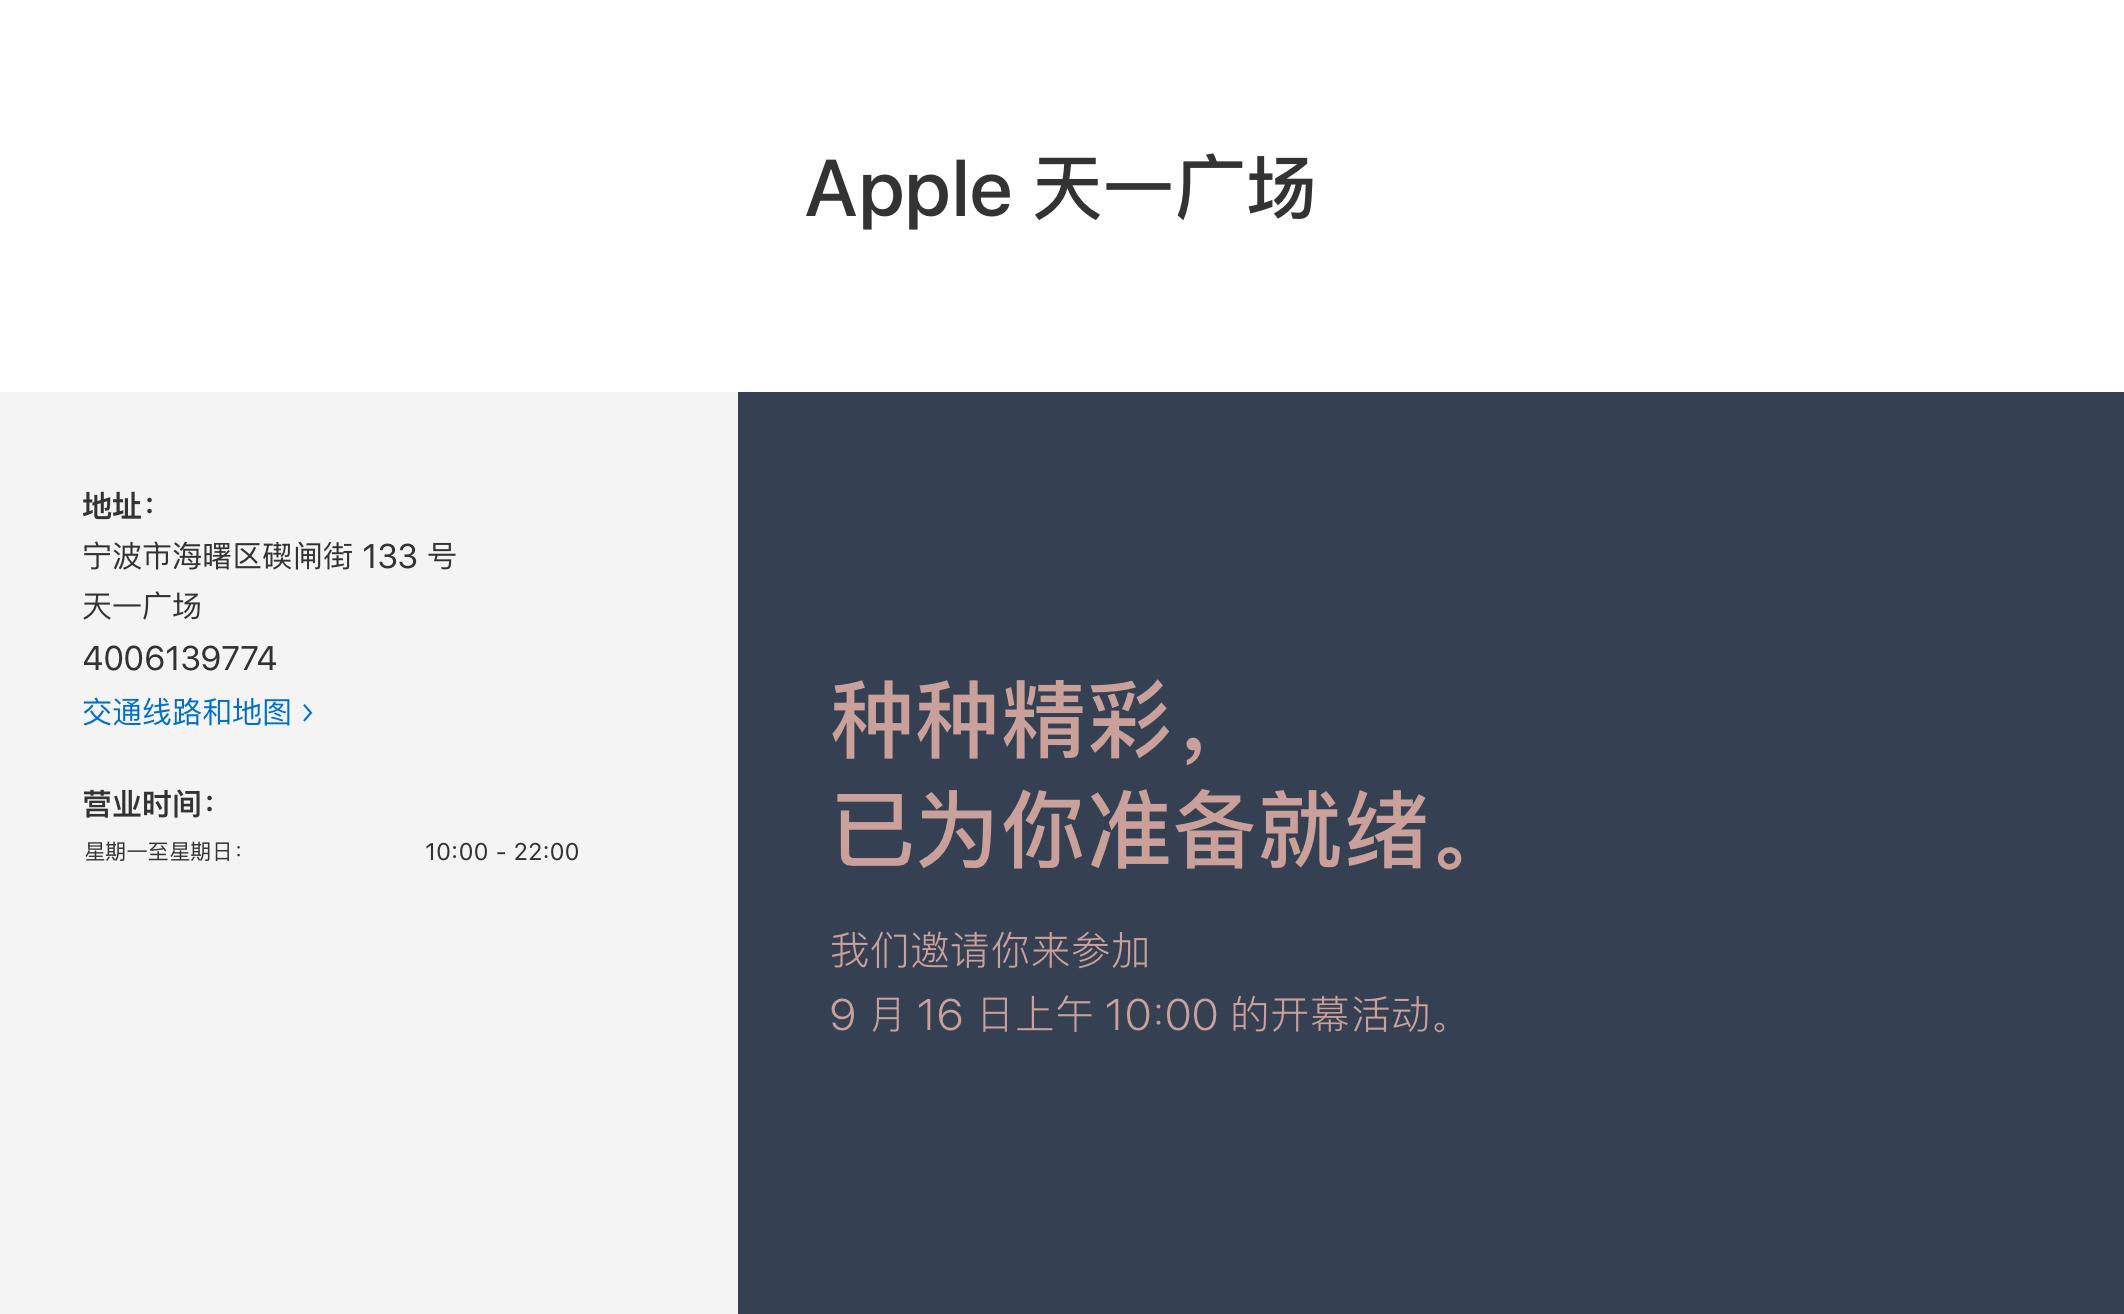 중국 닝보 Apple Store Tianyi Square 오픈